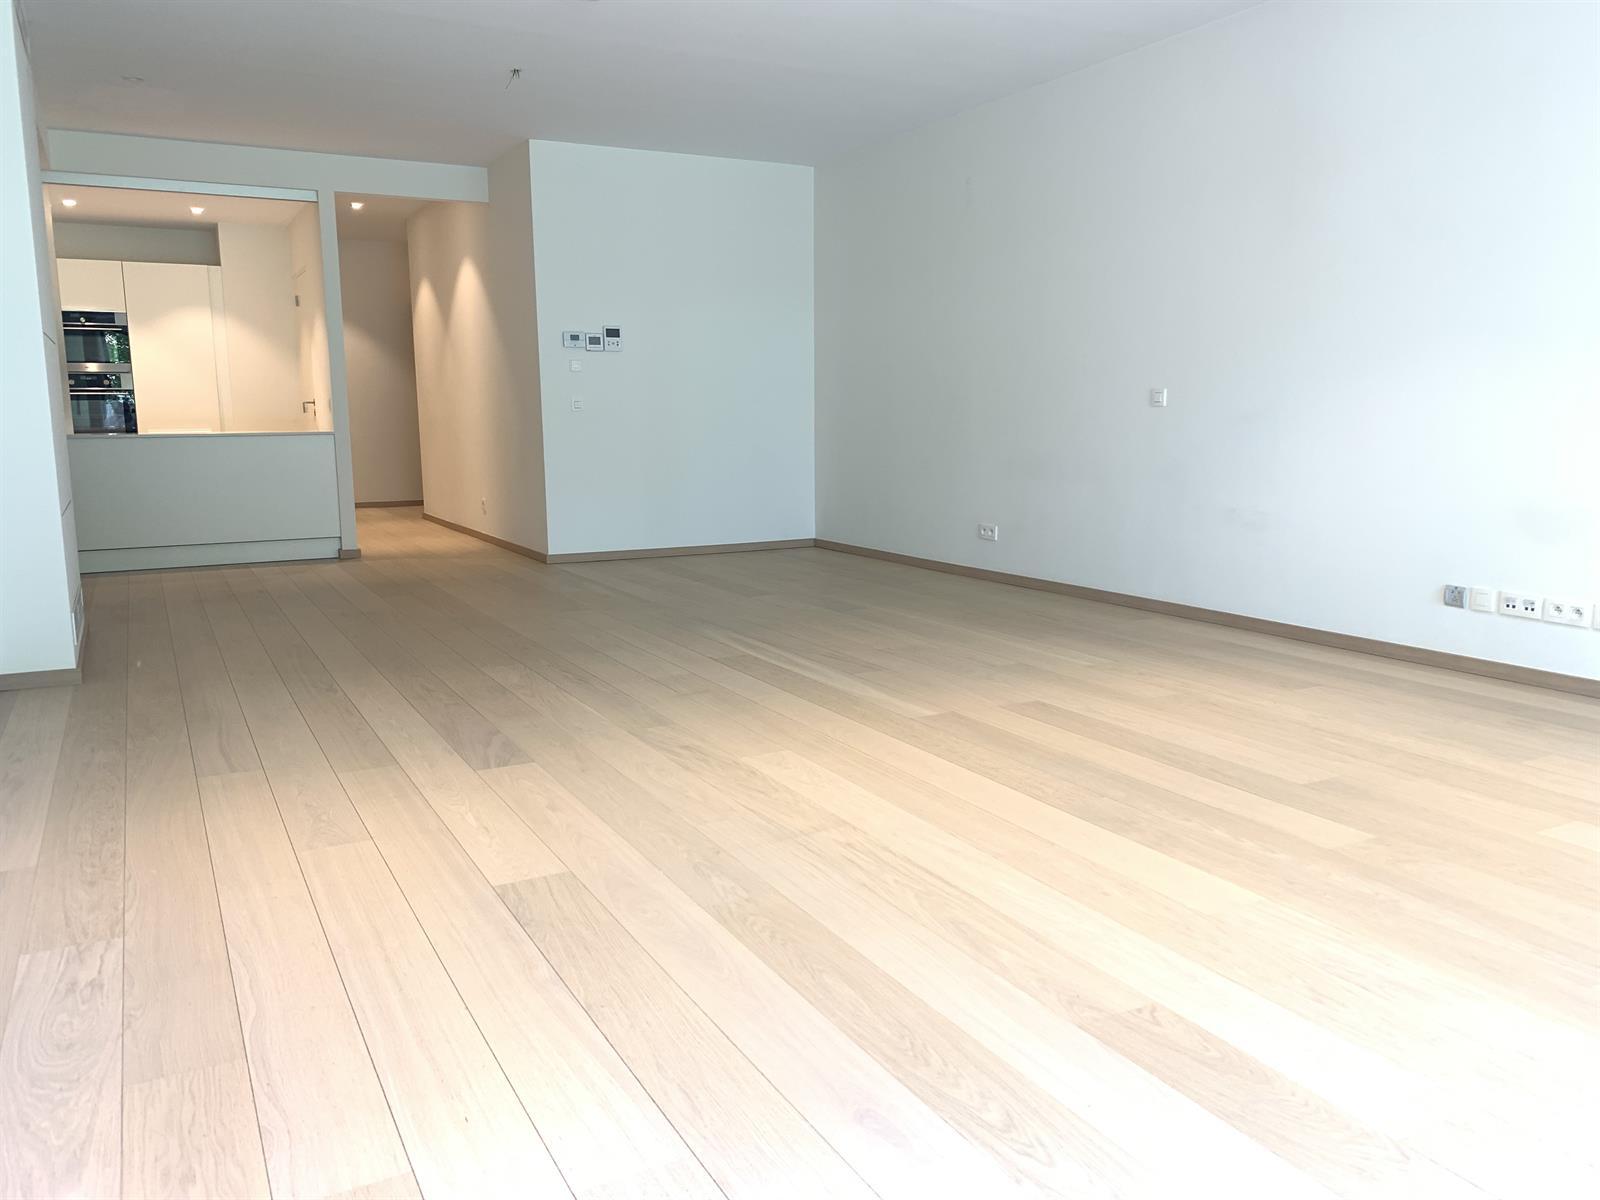 Appartement exceptionnel - Ixelles - #4392467-5